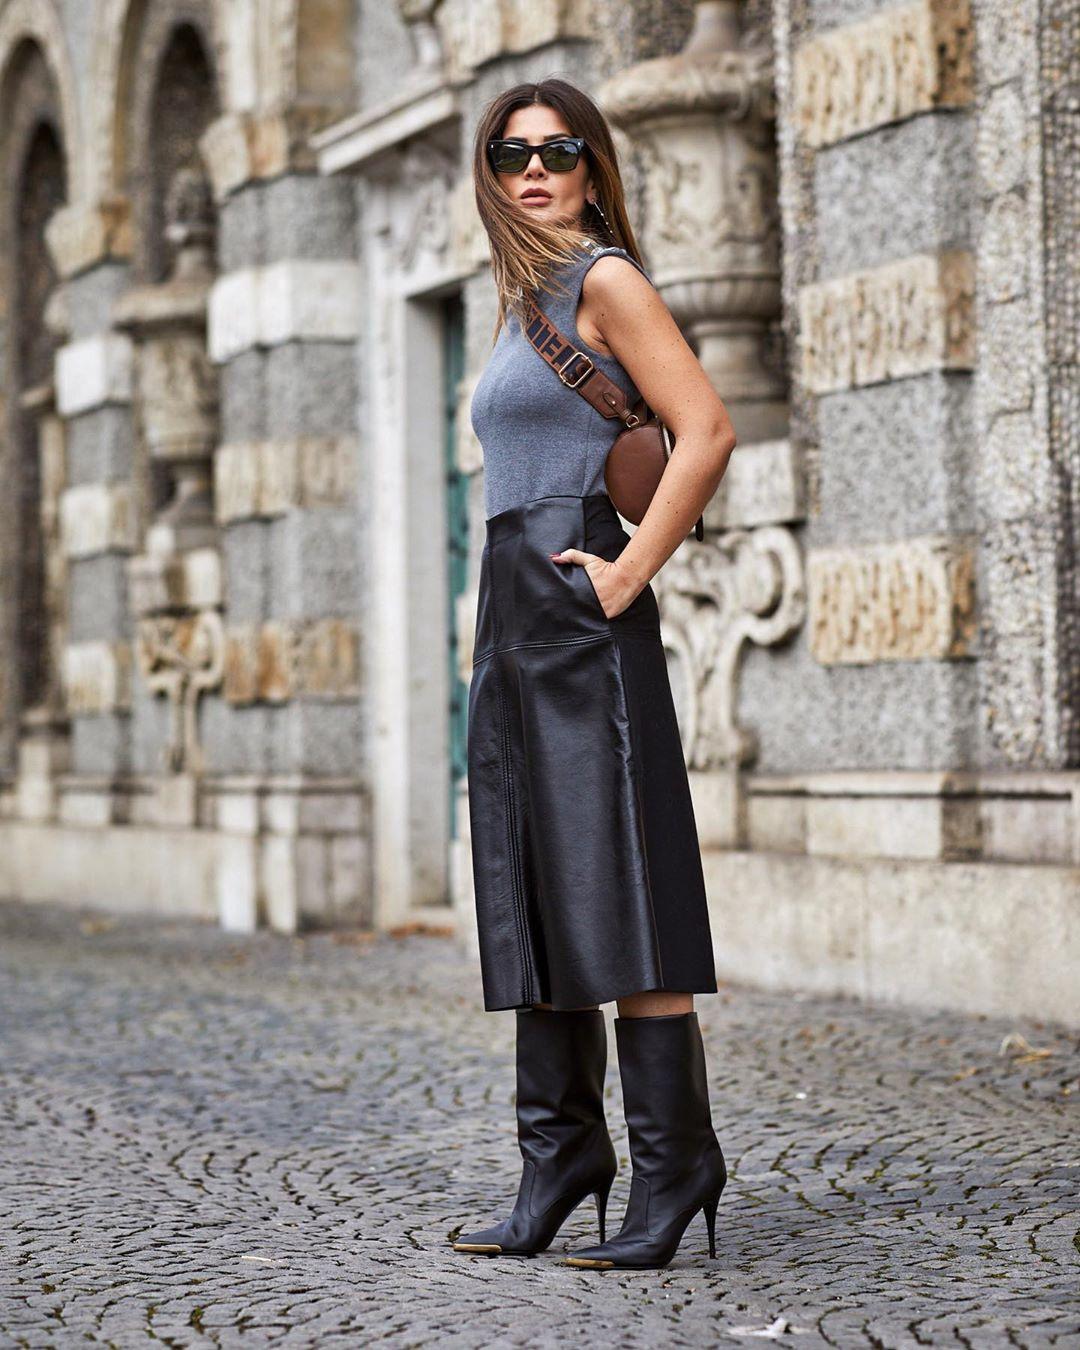 черная кожаная юбка фото 15